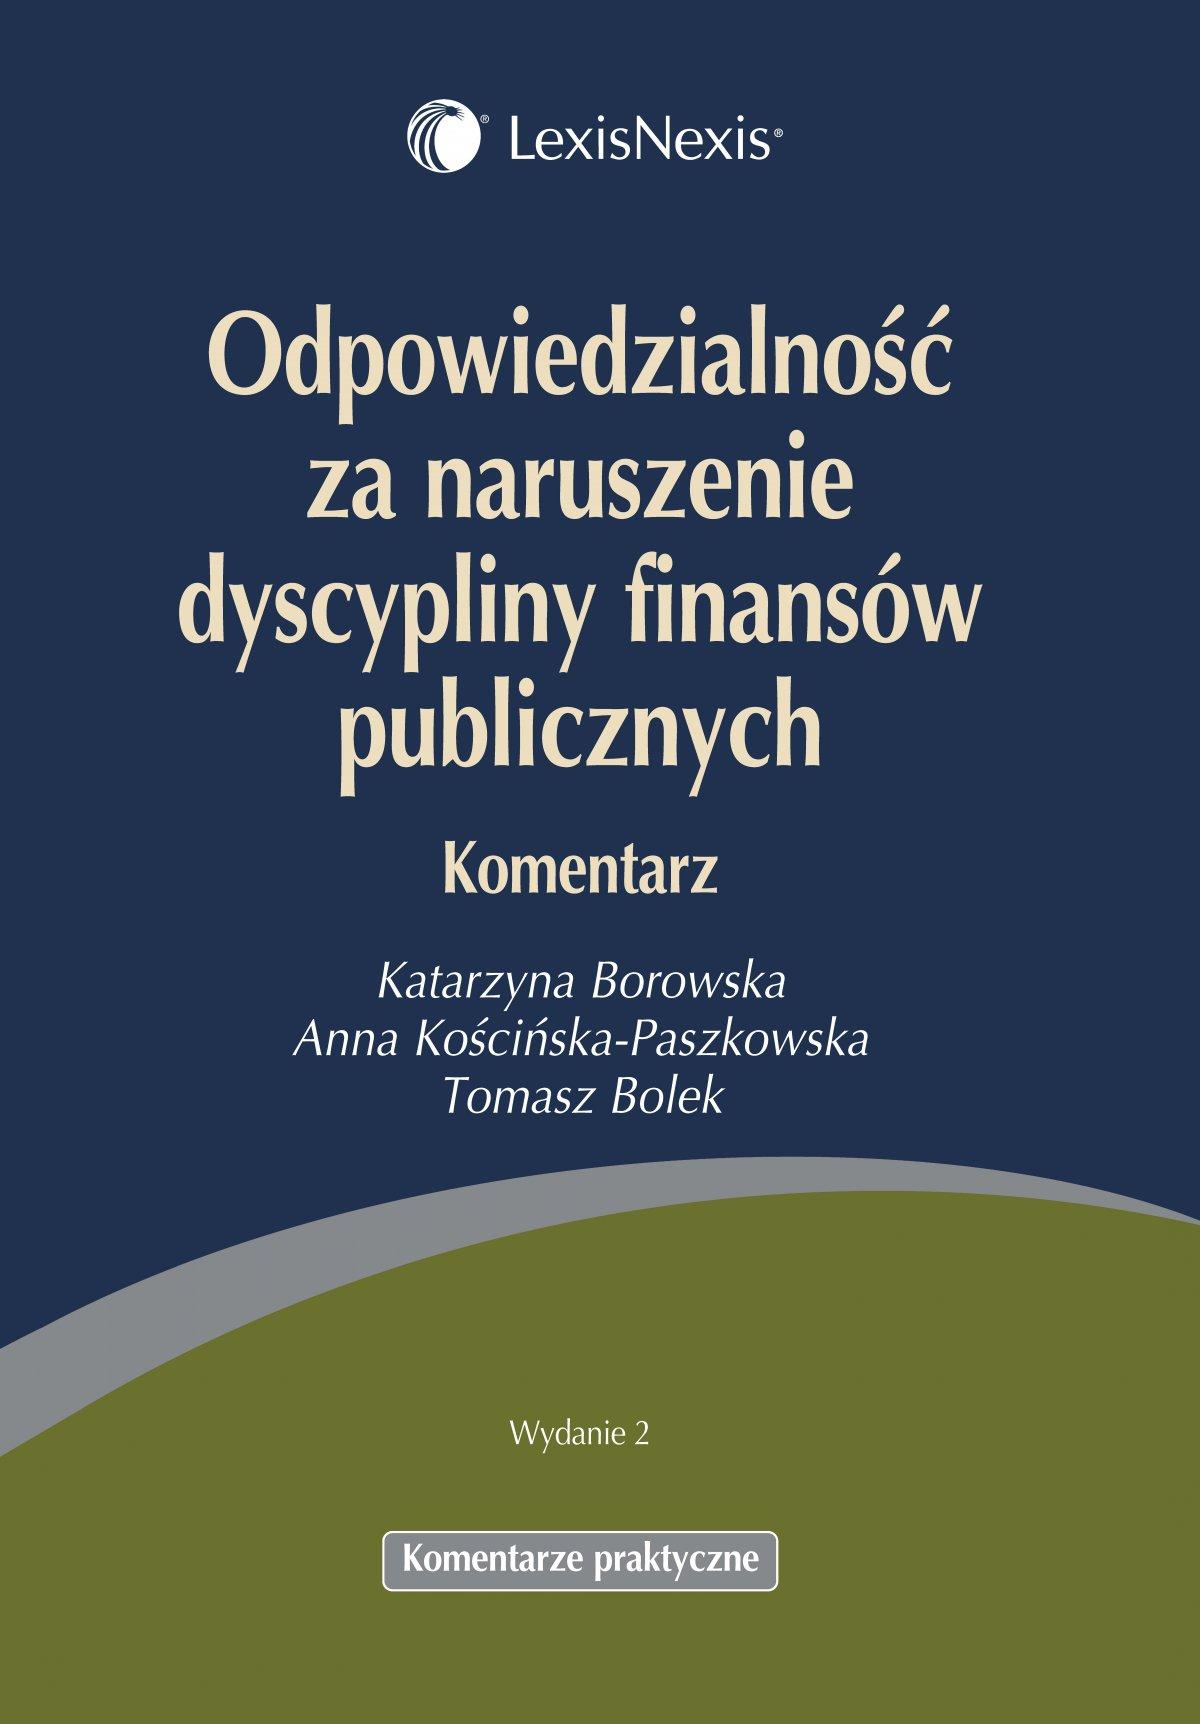 Odpowiedzialność za naruszenie dyscypliny finansów publicznych. Komentarz - Ebook (Książka EPUB) do pobrania w formacie EPUB